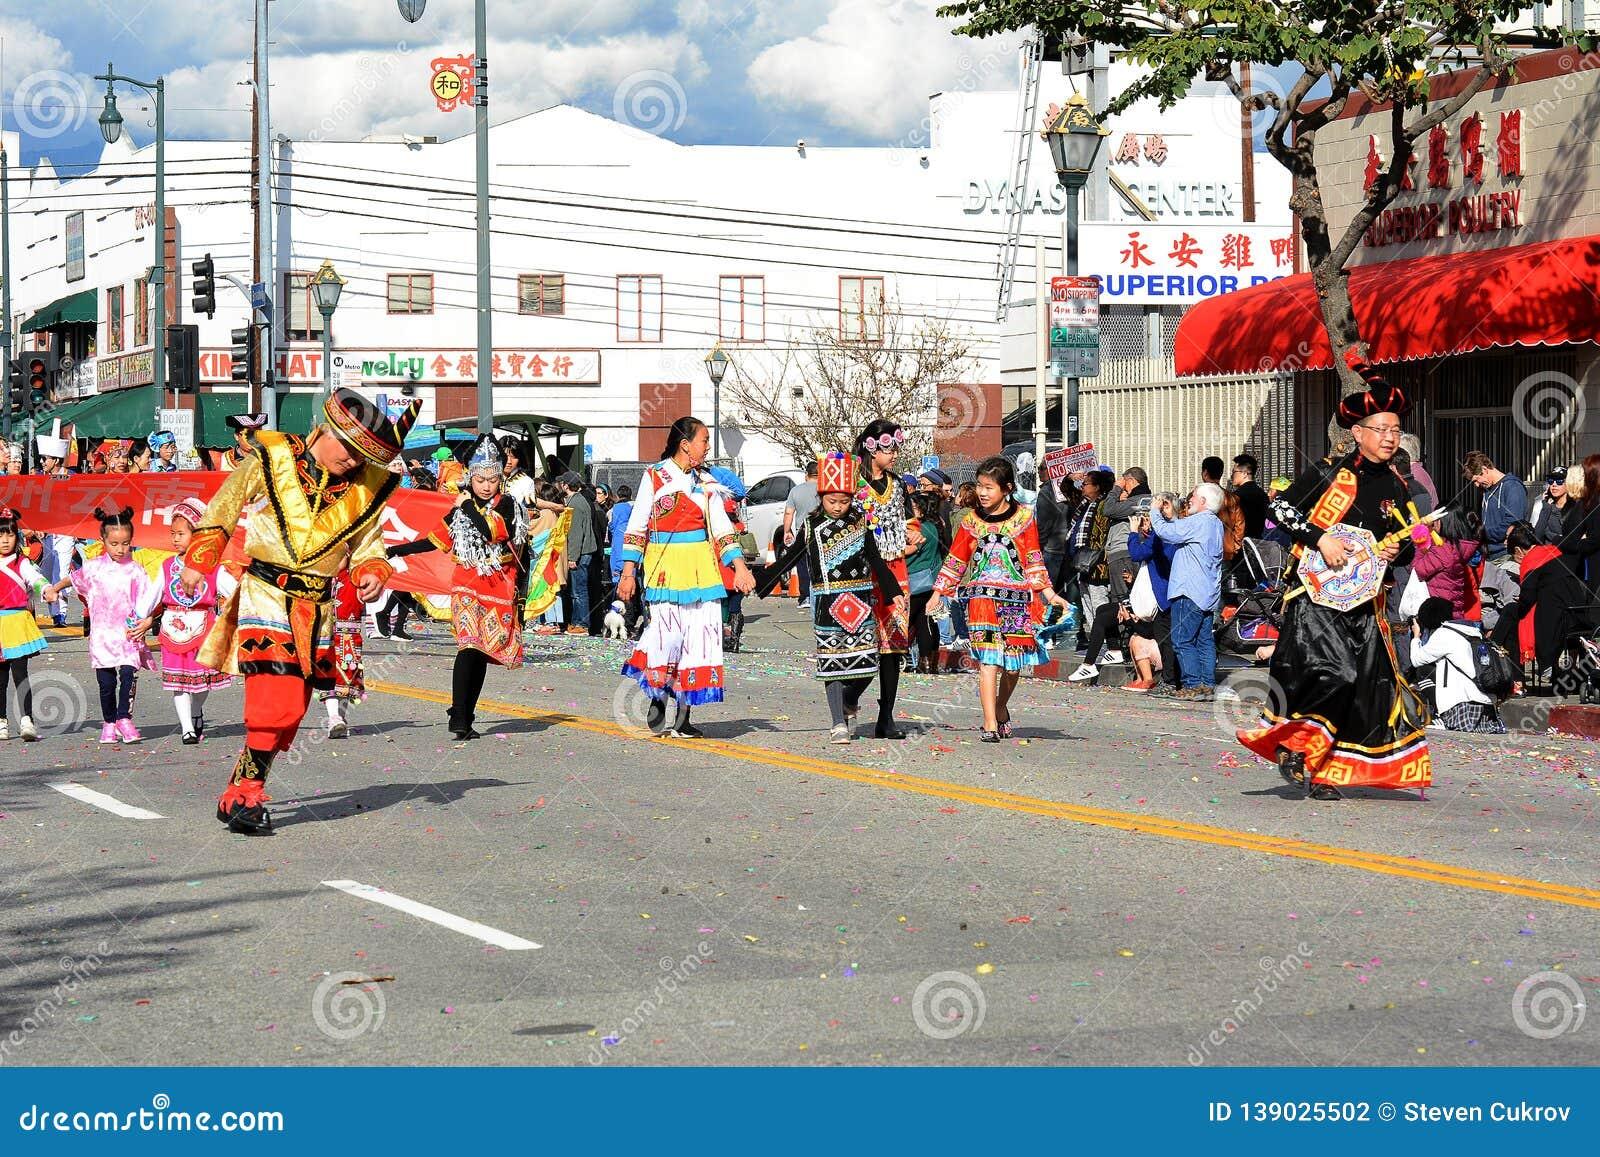 Thaise Dansers in kleurrijk traditioneel kostuum in Gouden Dragon Parade, die het Chinese Nieuwjaar vieren